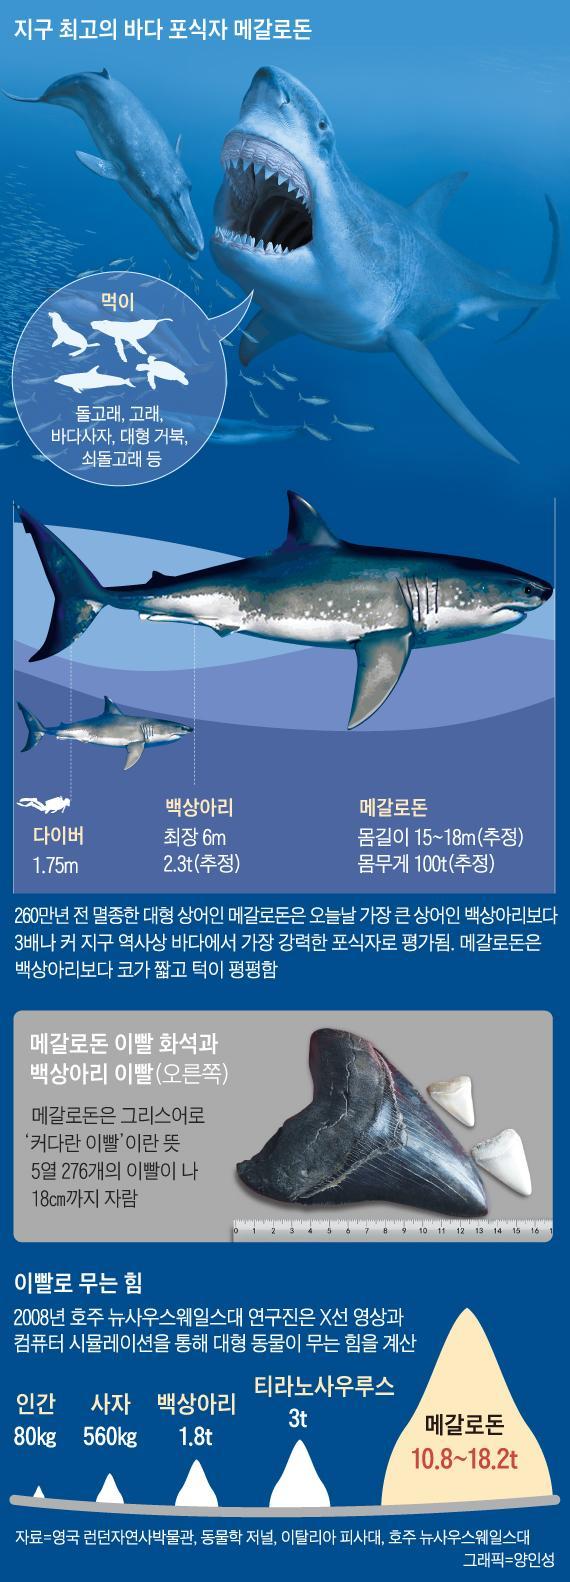 영화로 부활한 거대 상어 '메갈로돈'